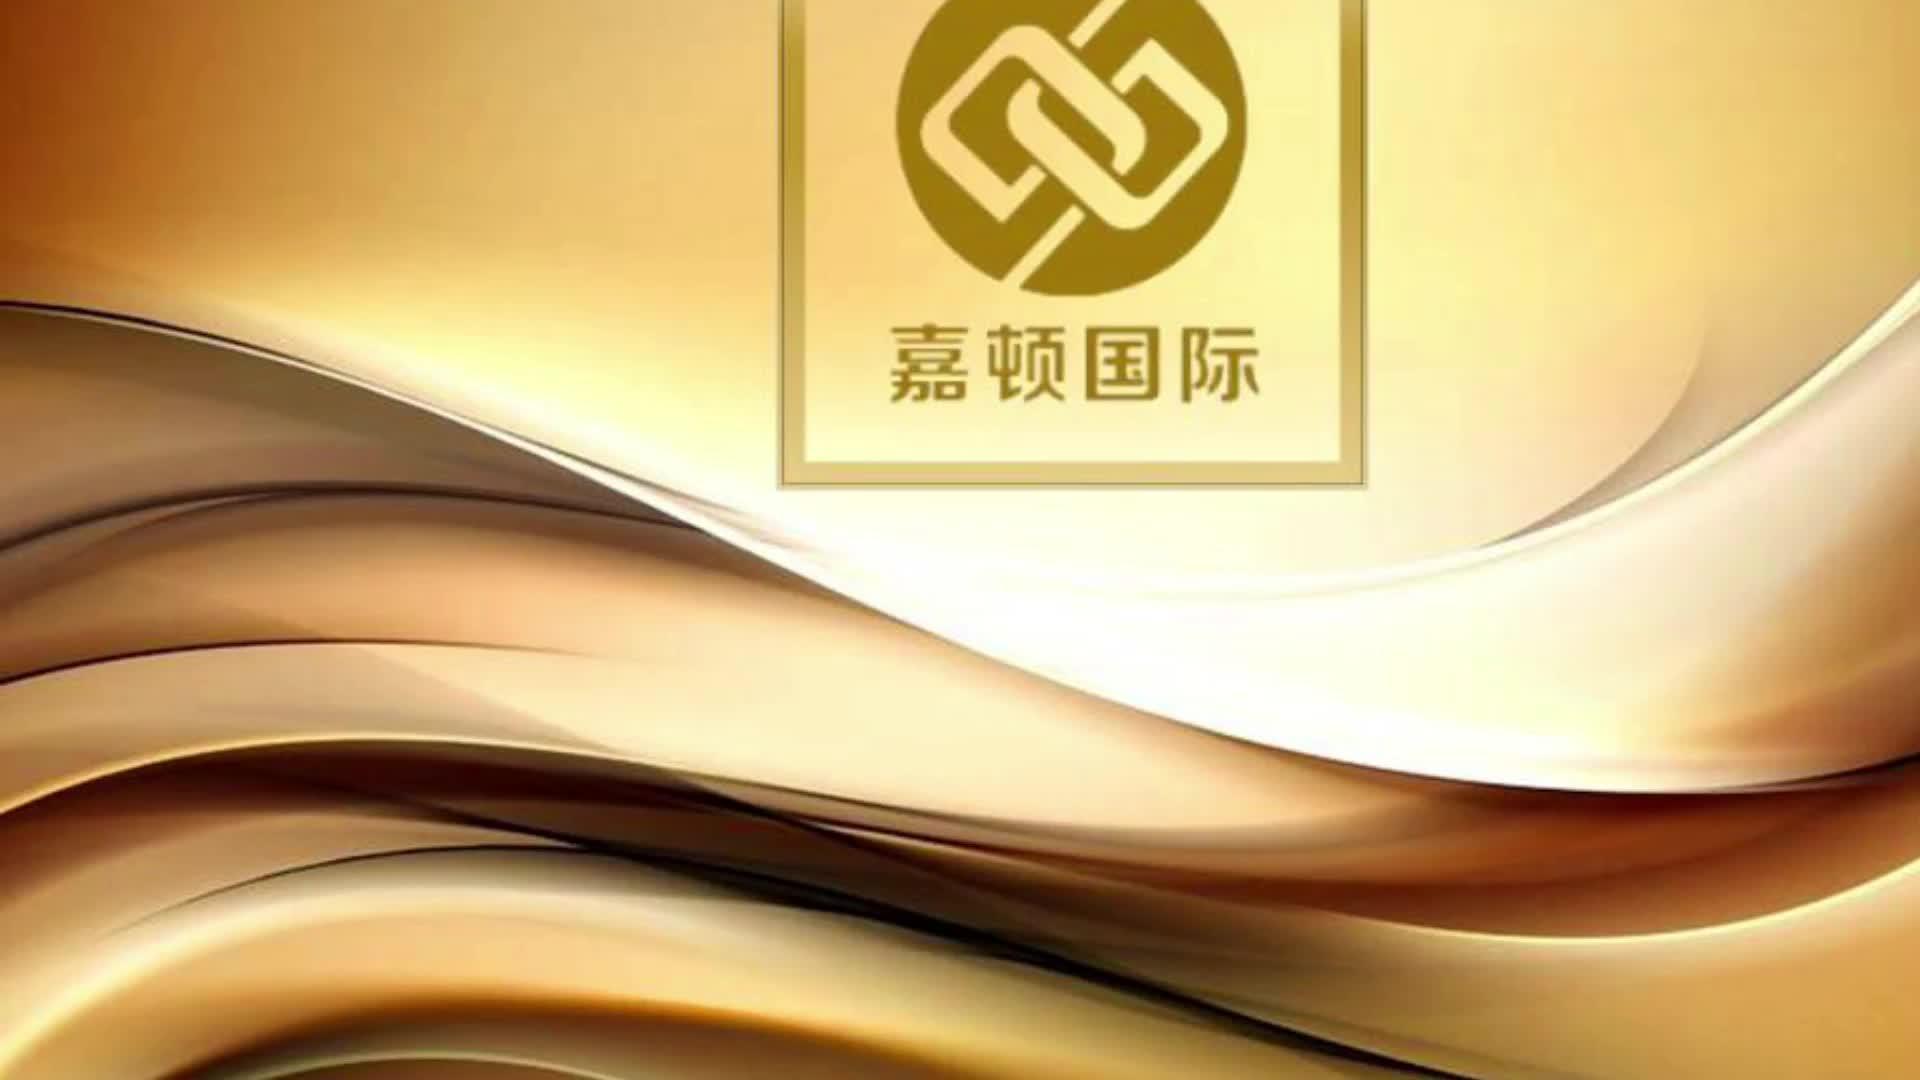 Chine Personnalisé Or En Alliage de Zinc Boucle de Ceinture En Métal